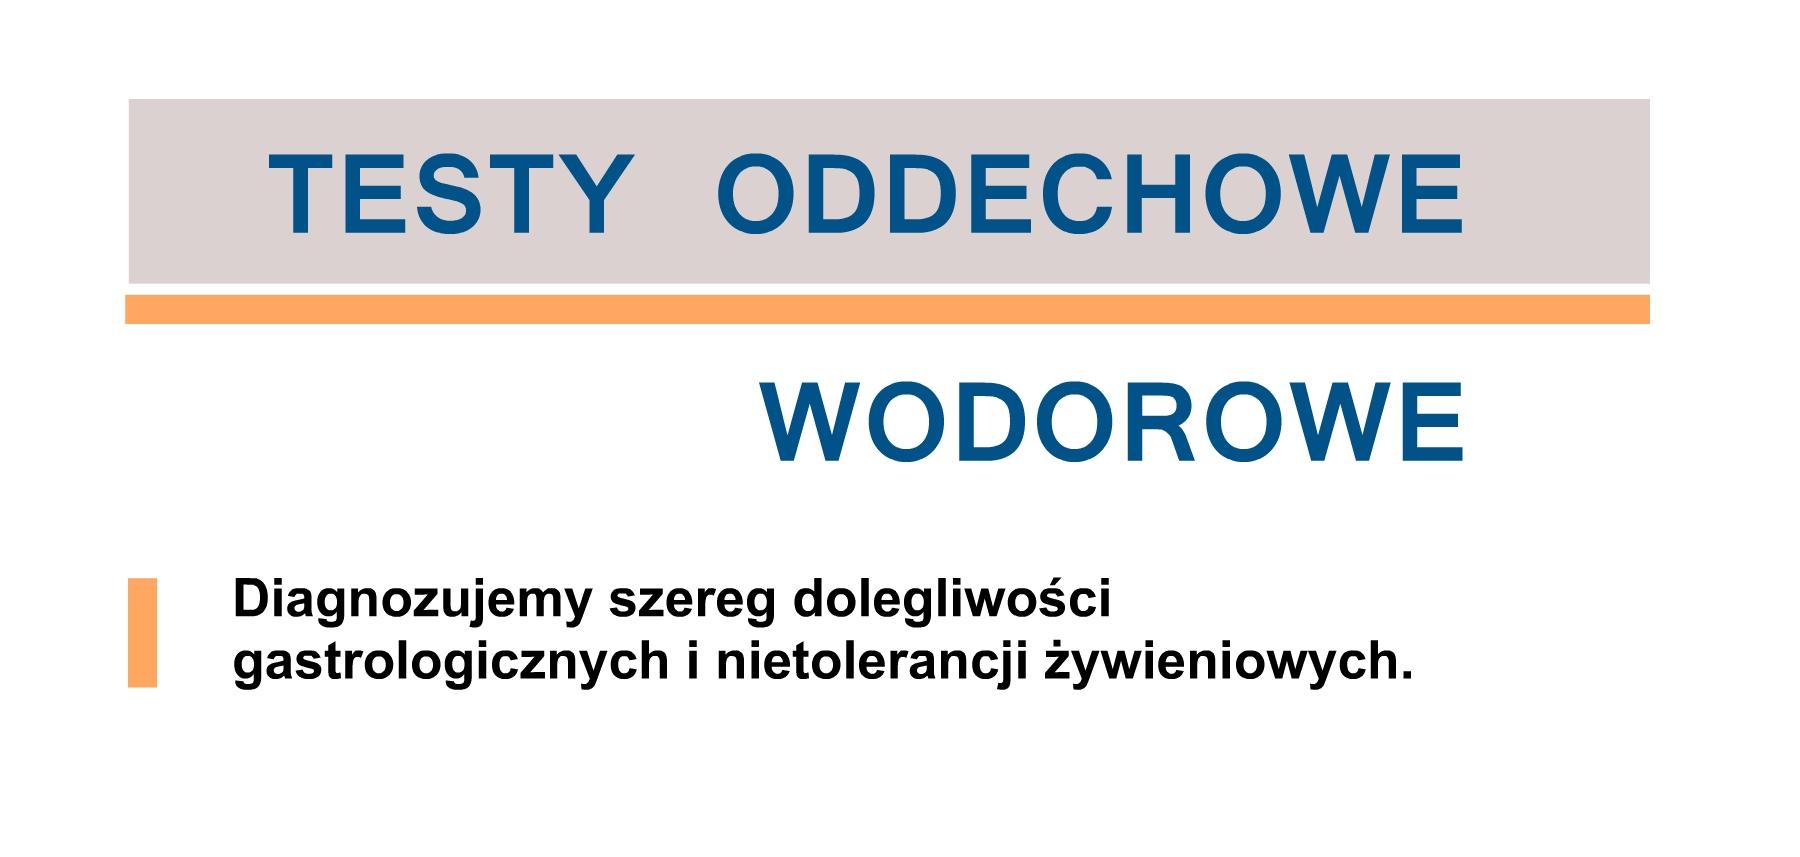 slider-testyOddechowe